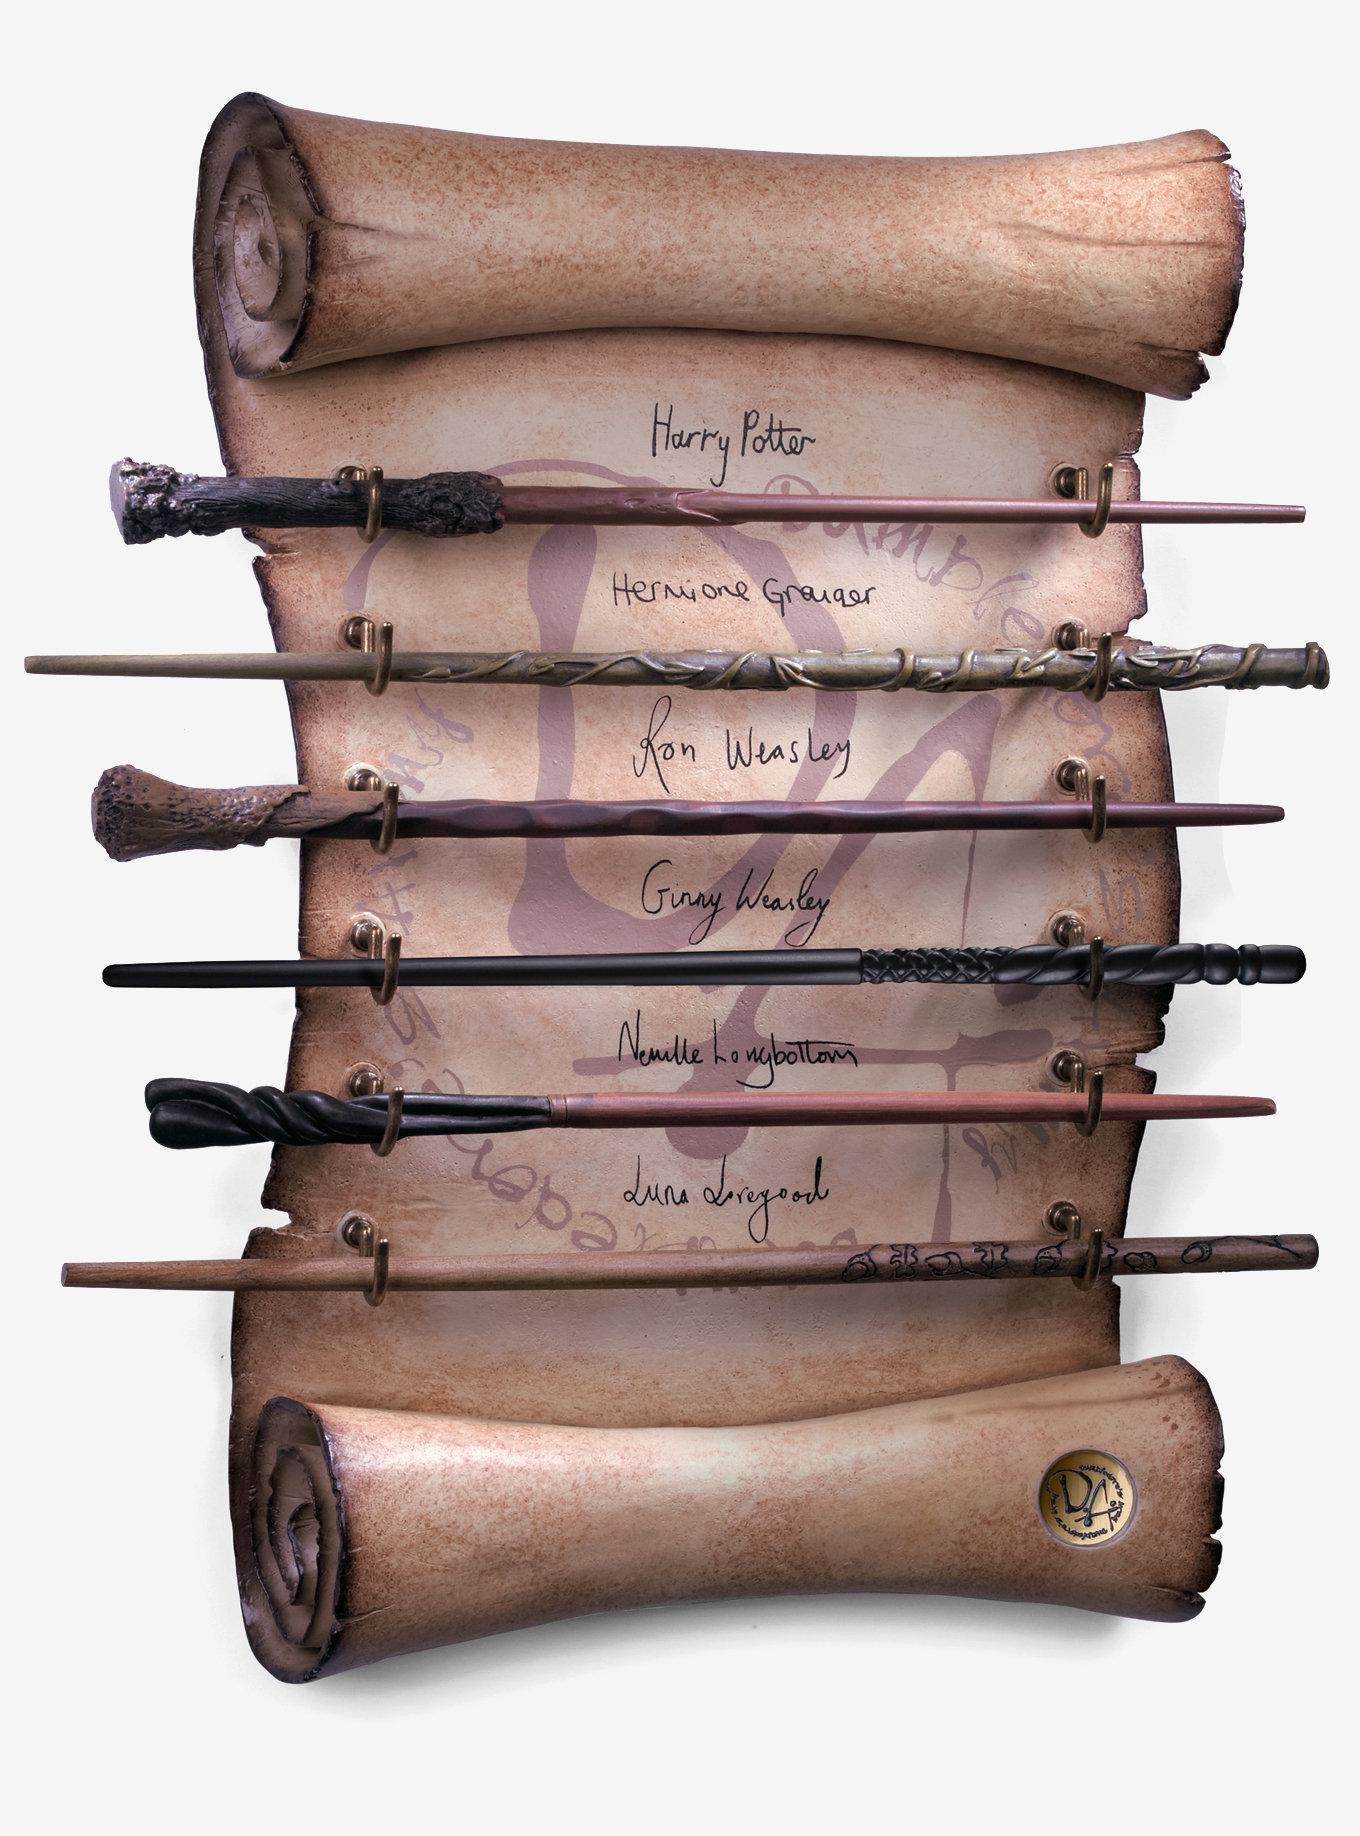 Kolekcja ubrań i dodatków prosto z Hogwartu!